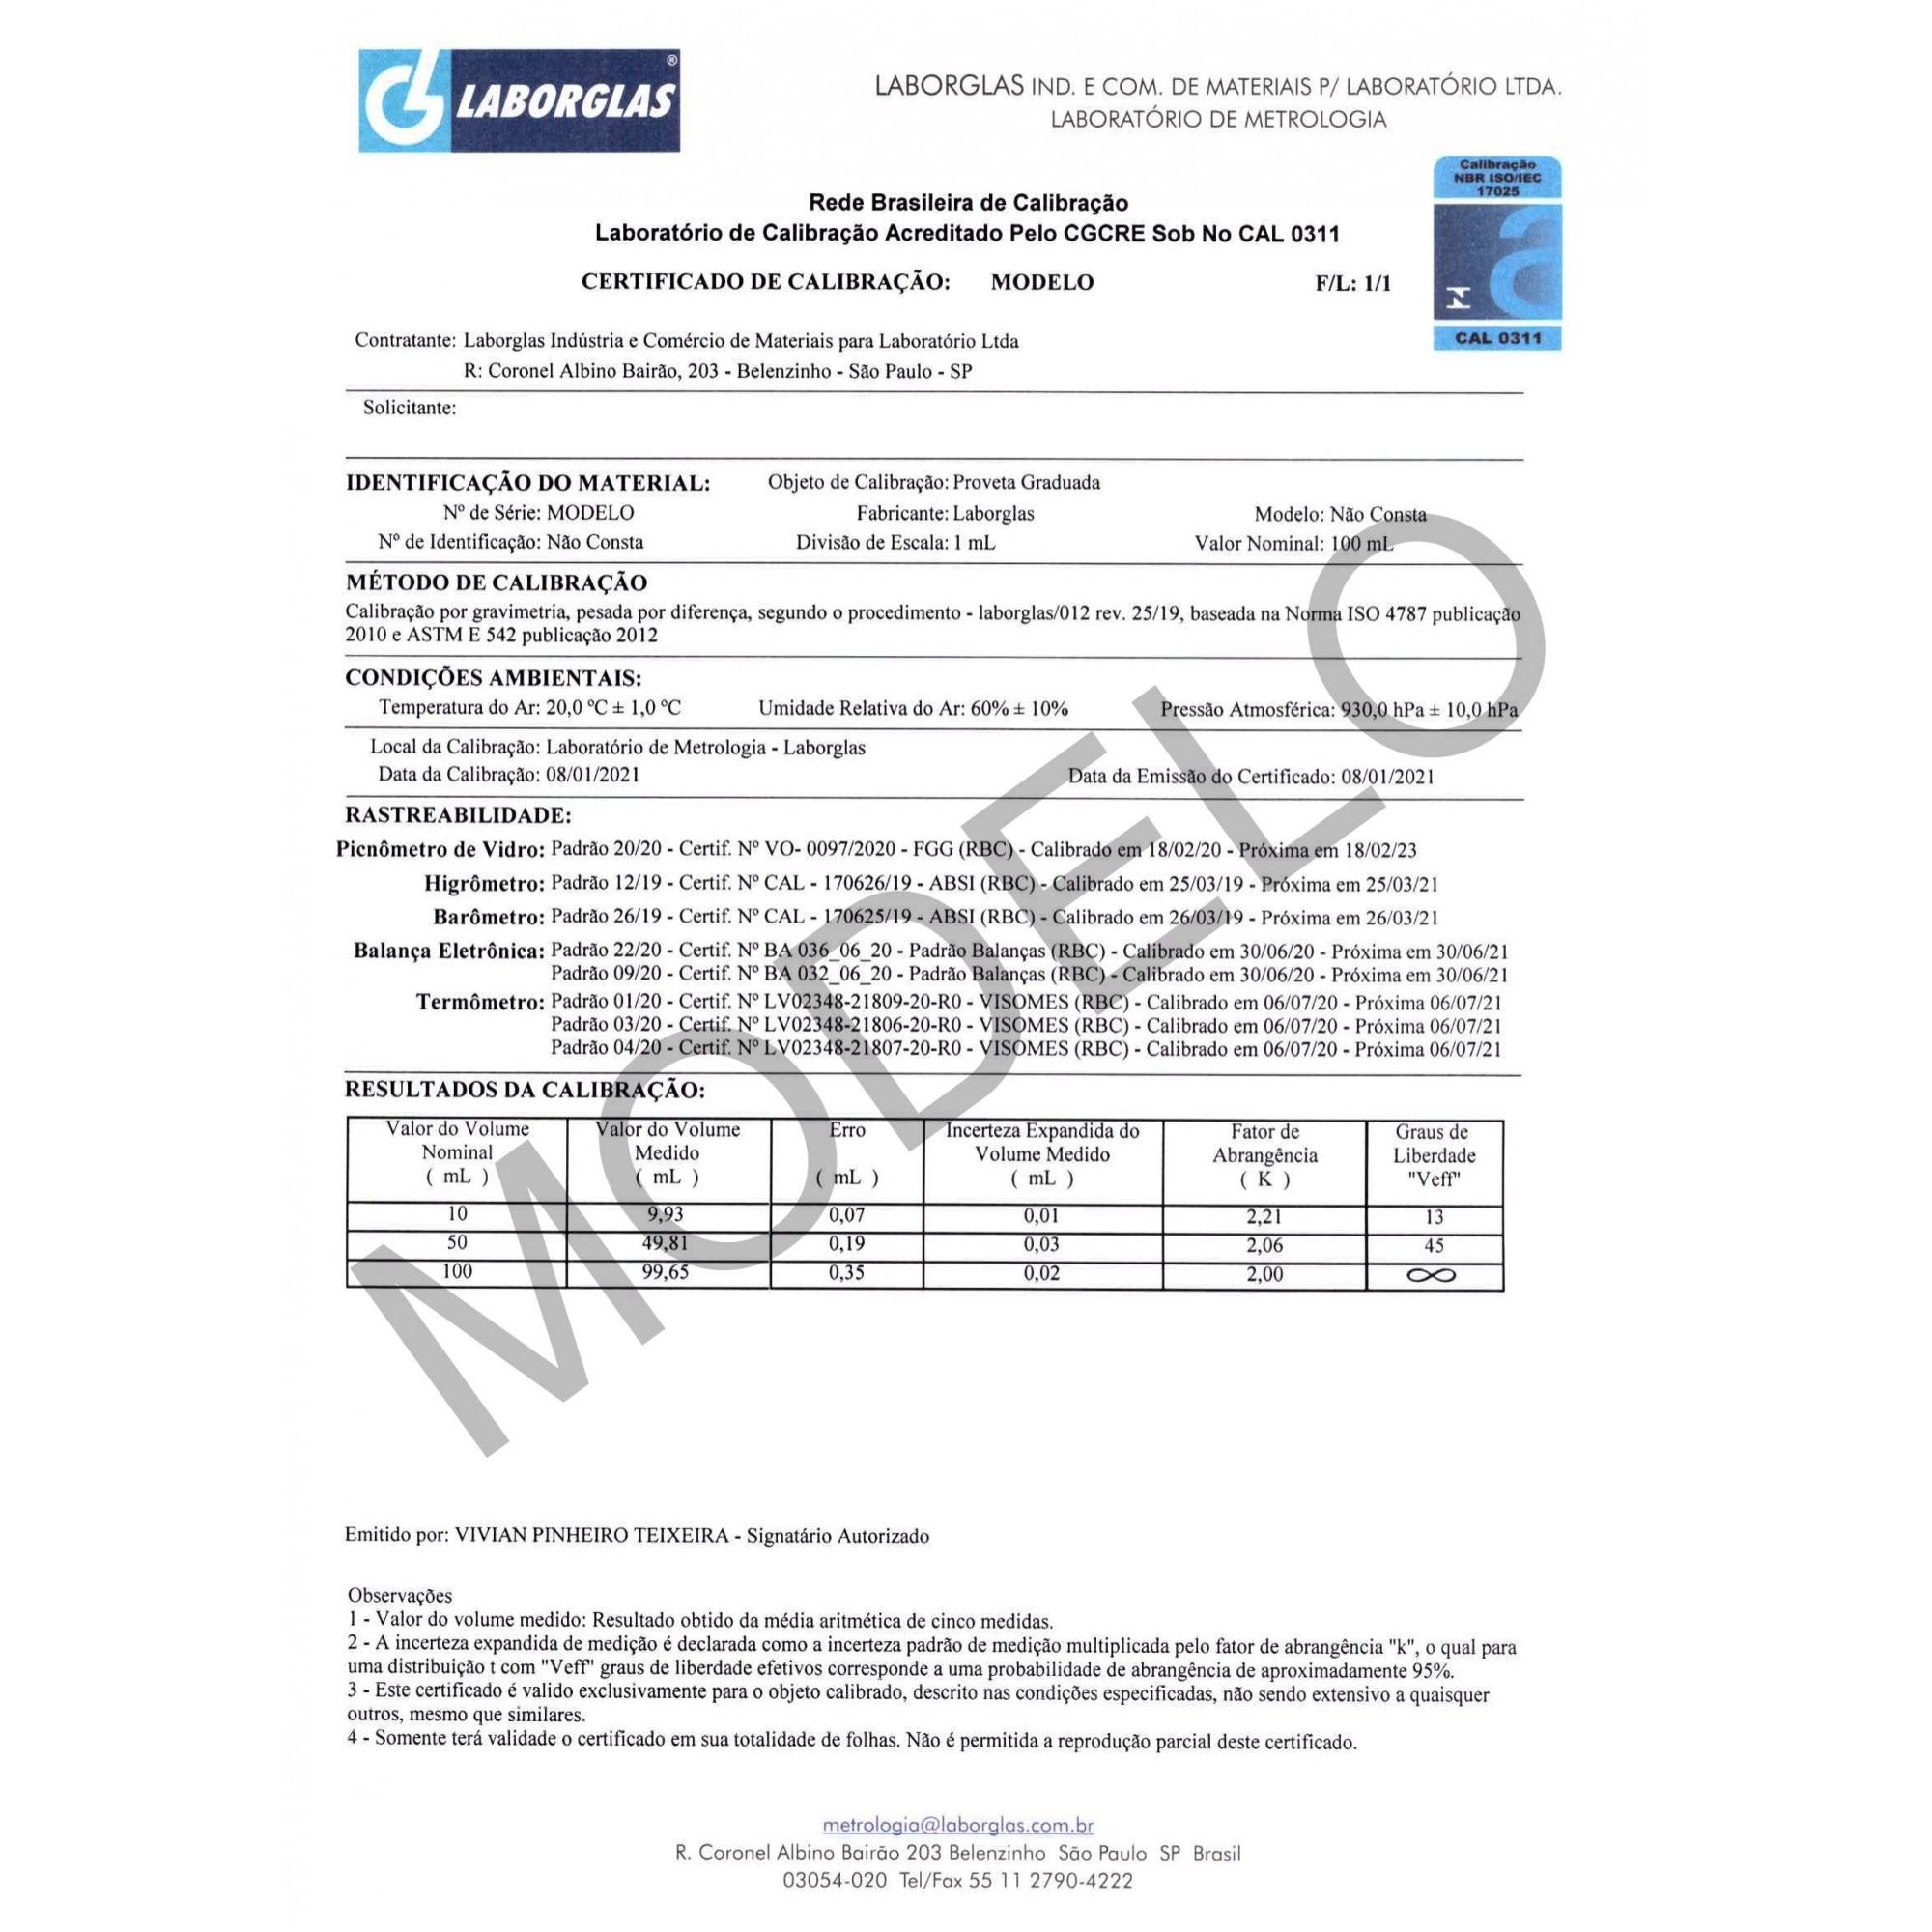 PROVETA GRADUADA BASE HEXAGONAL DE VIDRO 2000 ML CERTIFICADO RBC - Laborglas - Cód. 9139663-R